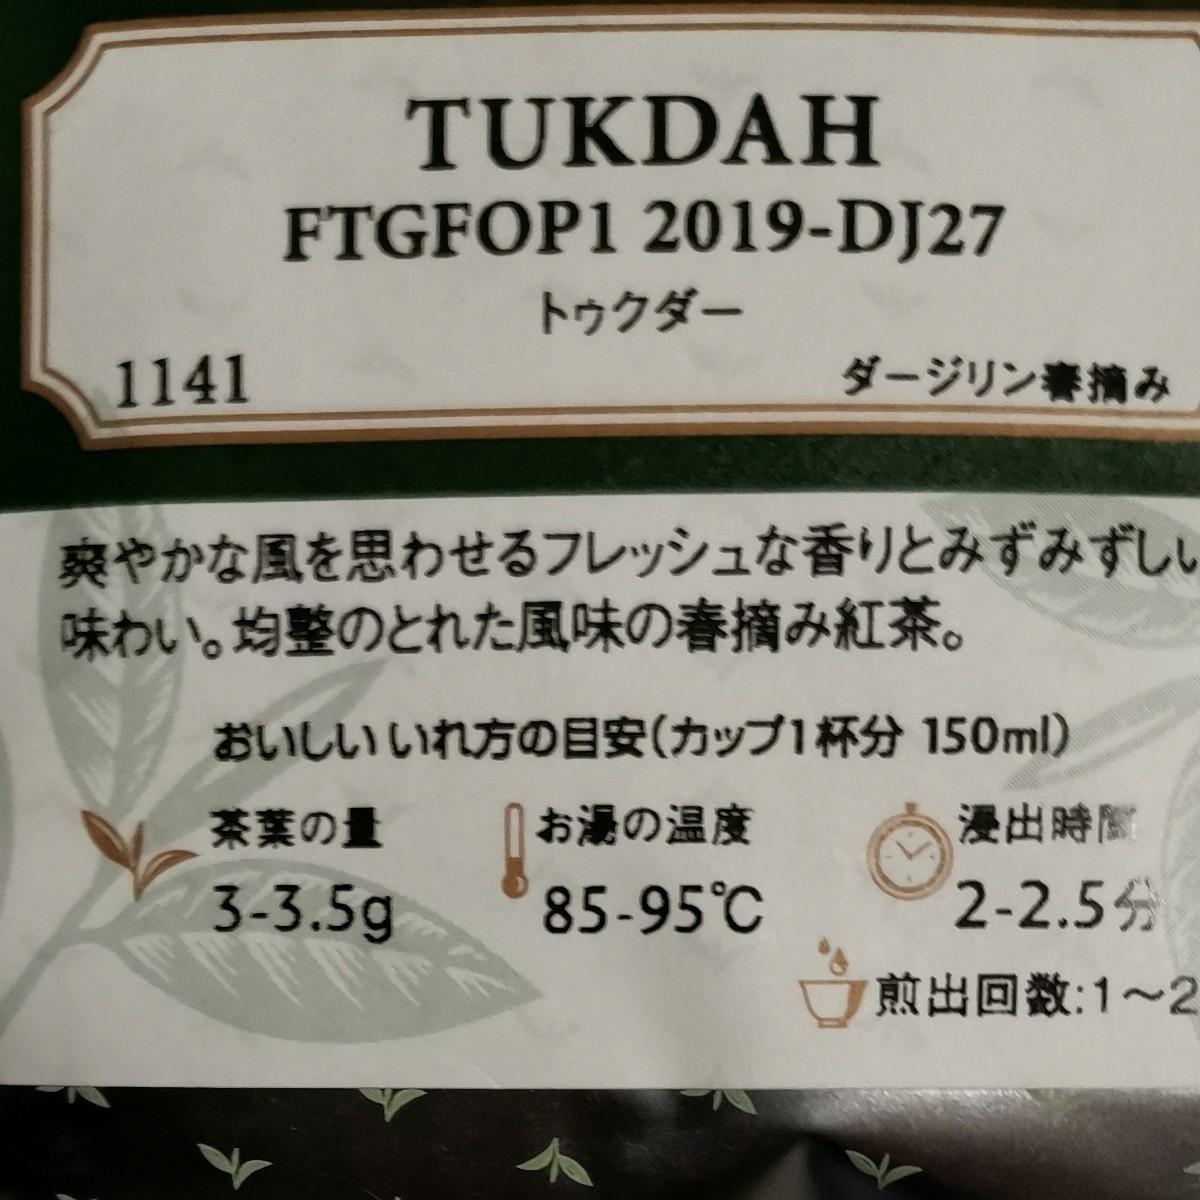 トゥクダー ルピシア TUKDAH FTGFOP1 2019- ダージリン春摘 LUPICIA